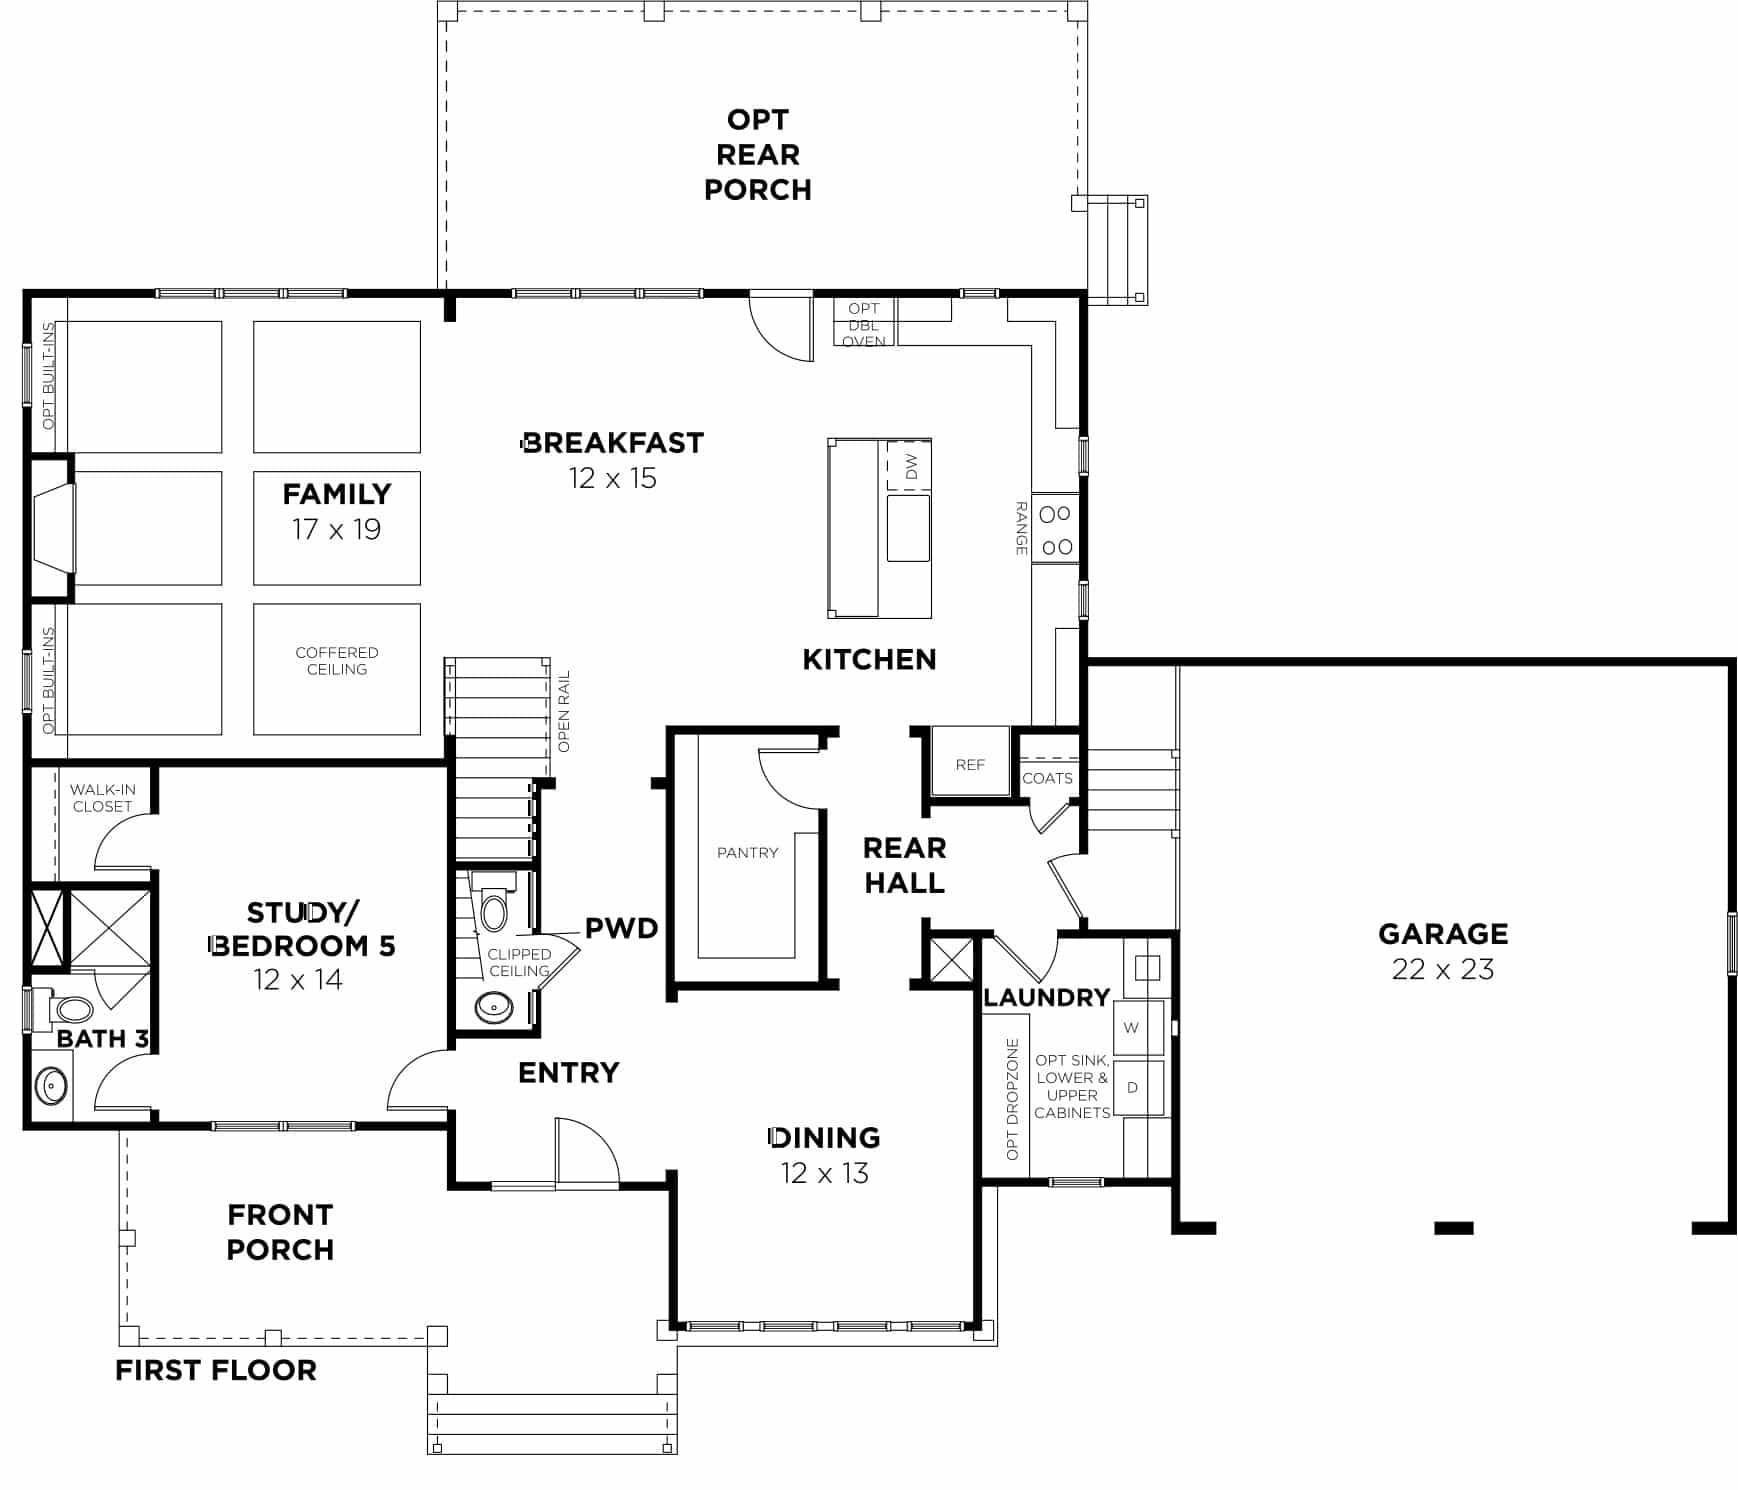 3283A-first-floor.jpg